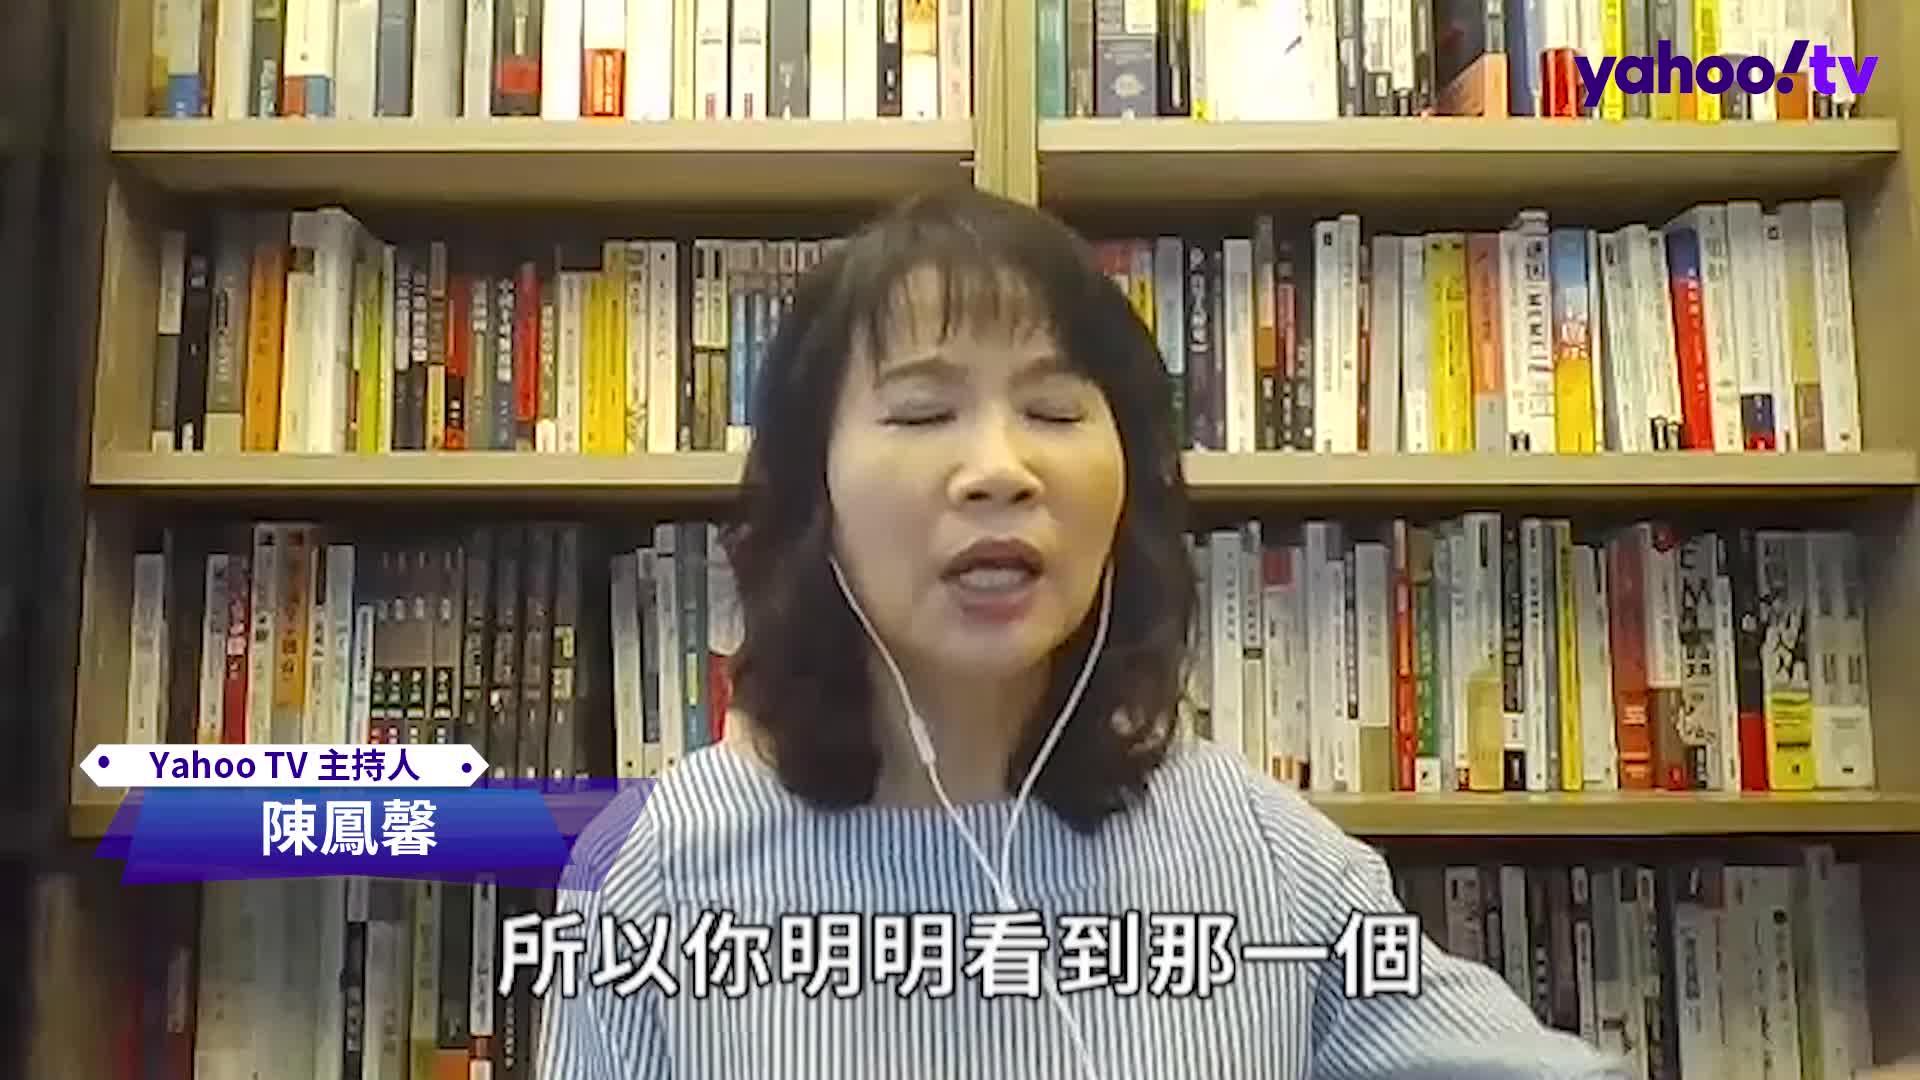 中國大陸突降存款準備率! 陳鳳馨:歐美亞面對疫情不同調將影響未來經濟復甦力道!